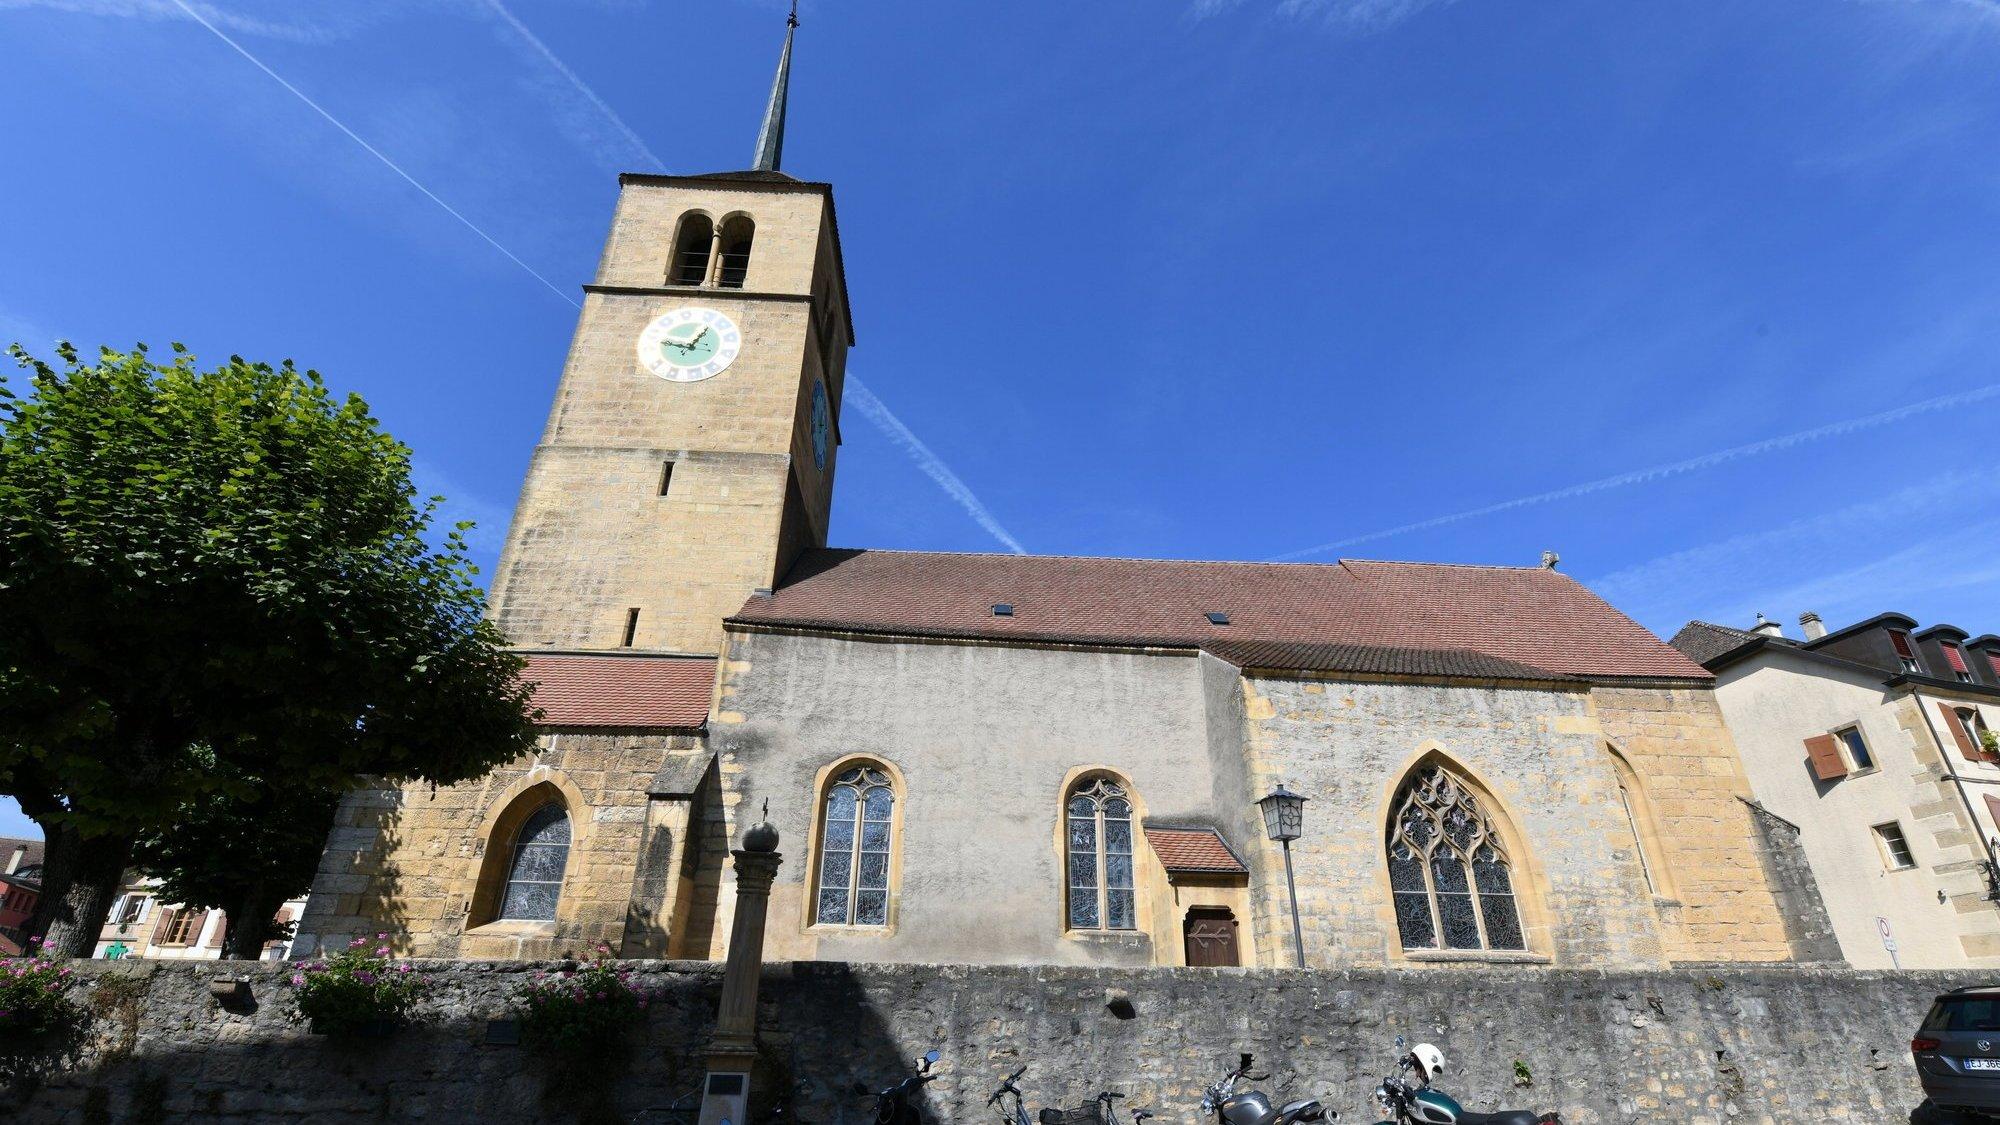 Les autorités communales de Saint-Blaise et d'Hauterive se prononceront cet hiver sur le crédit de rénovation du temple, estimé à trois millions de francs.